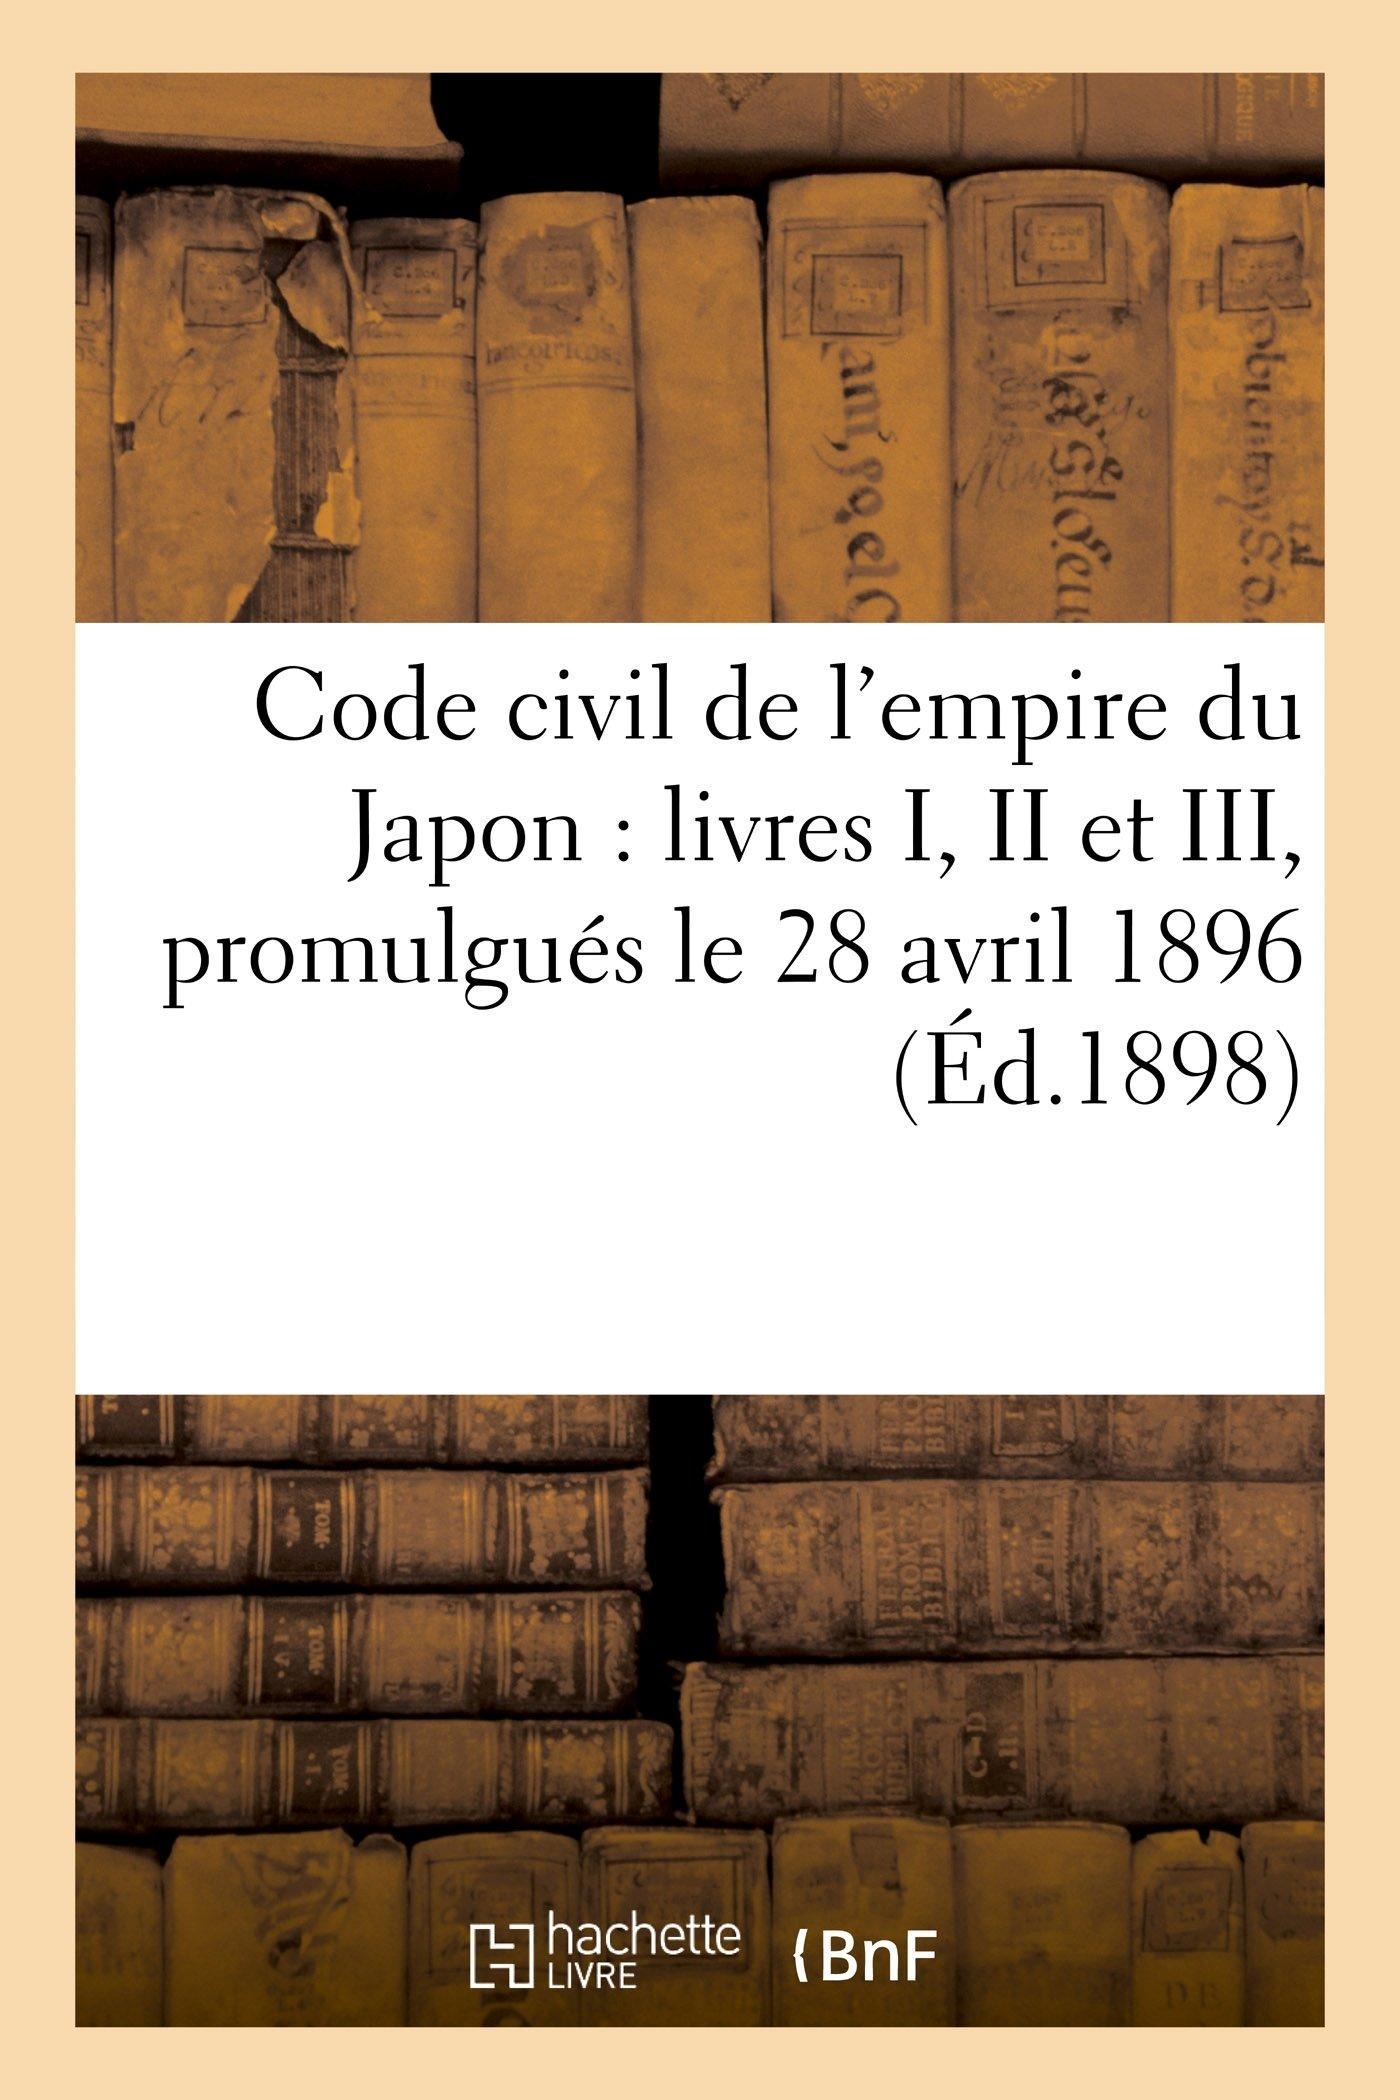 Code civil de l'empire du Japon : livres I, II et III: (dispositions générales, droits réels, droit de créance), promulgués le 28 avril 1896 Broché – 1 septembre 2014 Sans Auteur Hachette Livre BNF 2013418507 Droit général